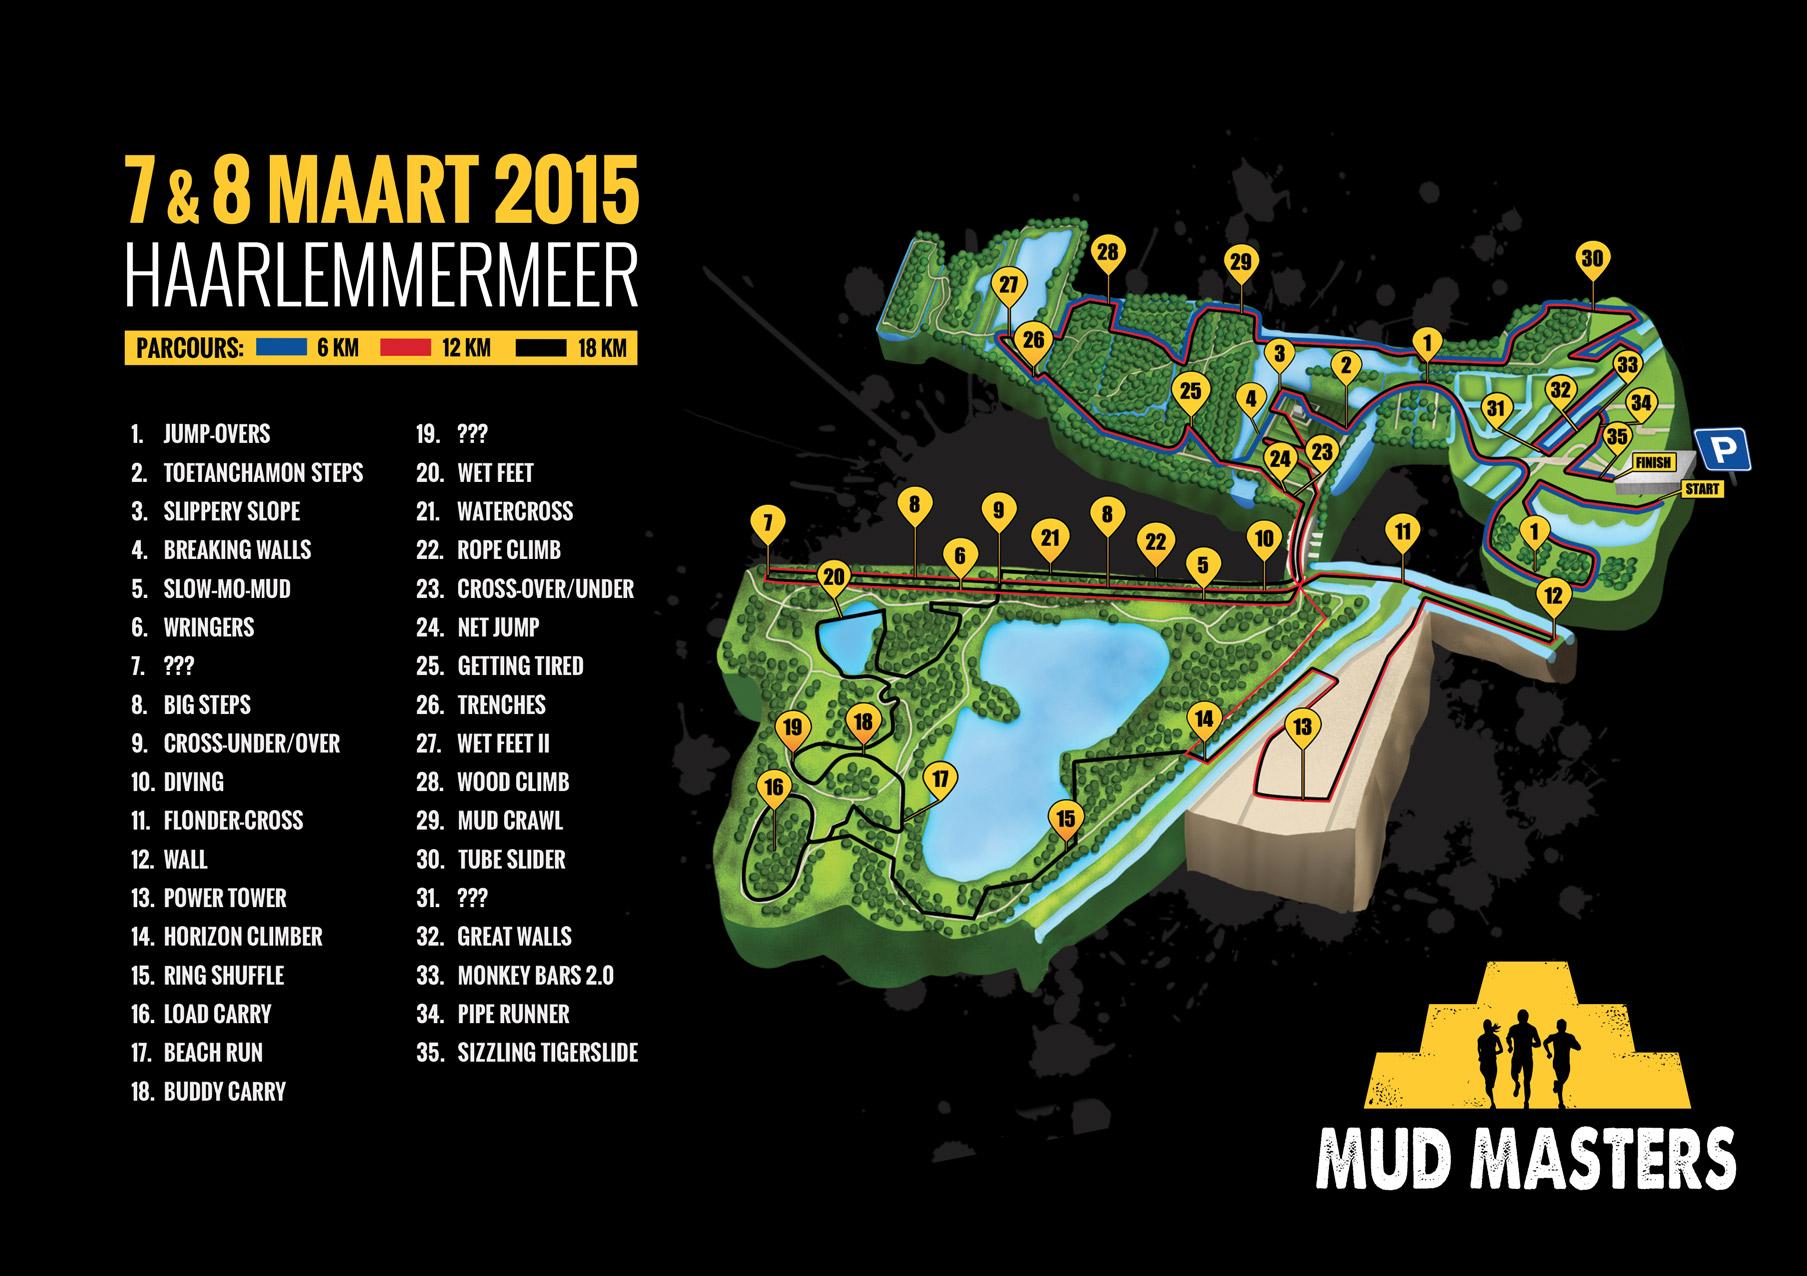 Haarlemmermeer 2016 - Mud Masters Obstacle Run